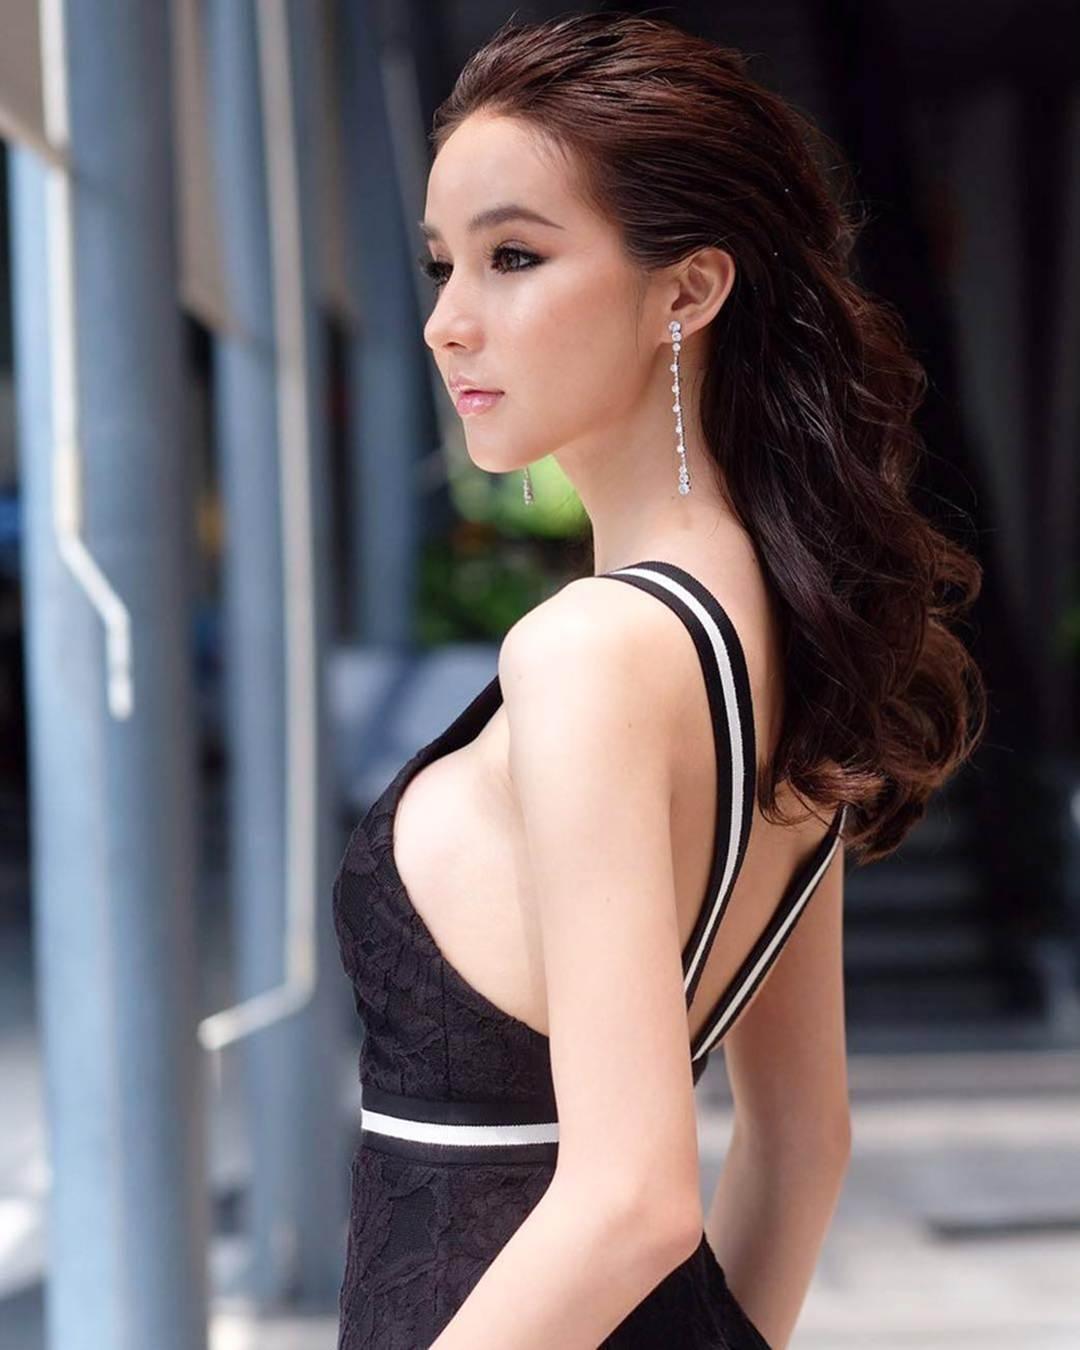 Nhan sắc xinh đẹp của nữ hoàng chuyển giới Thái Lan sau gần 2 năm-7